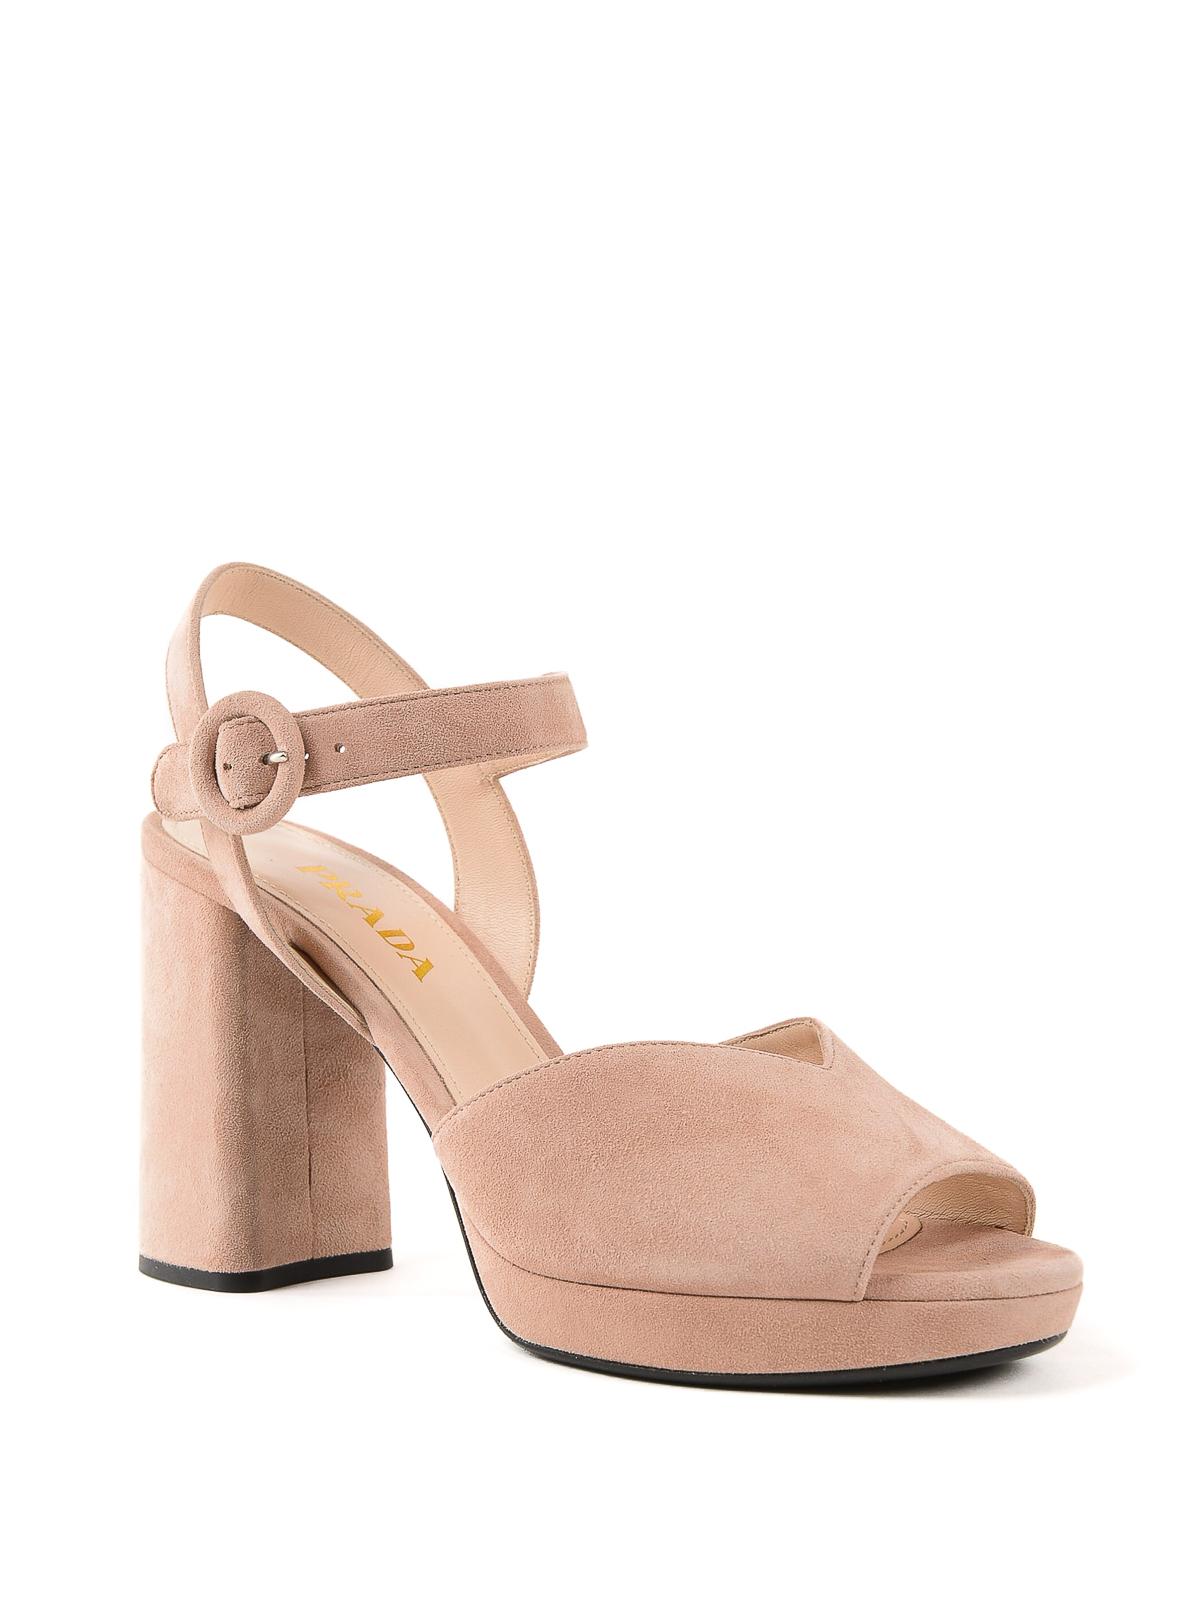 e3d6b453820 Prada - Light pink suede platform sandals - sandals - 1XP36A008 A48